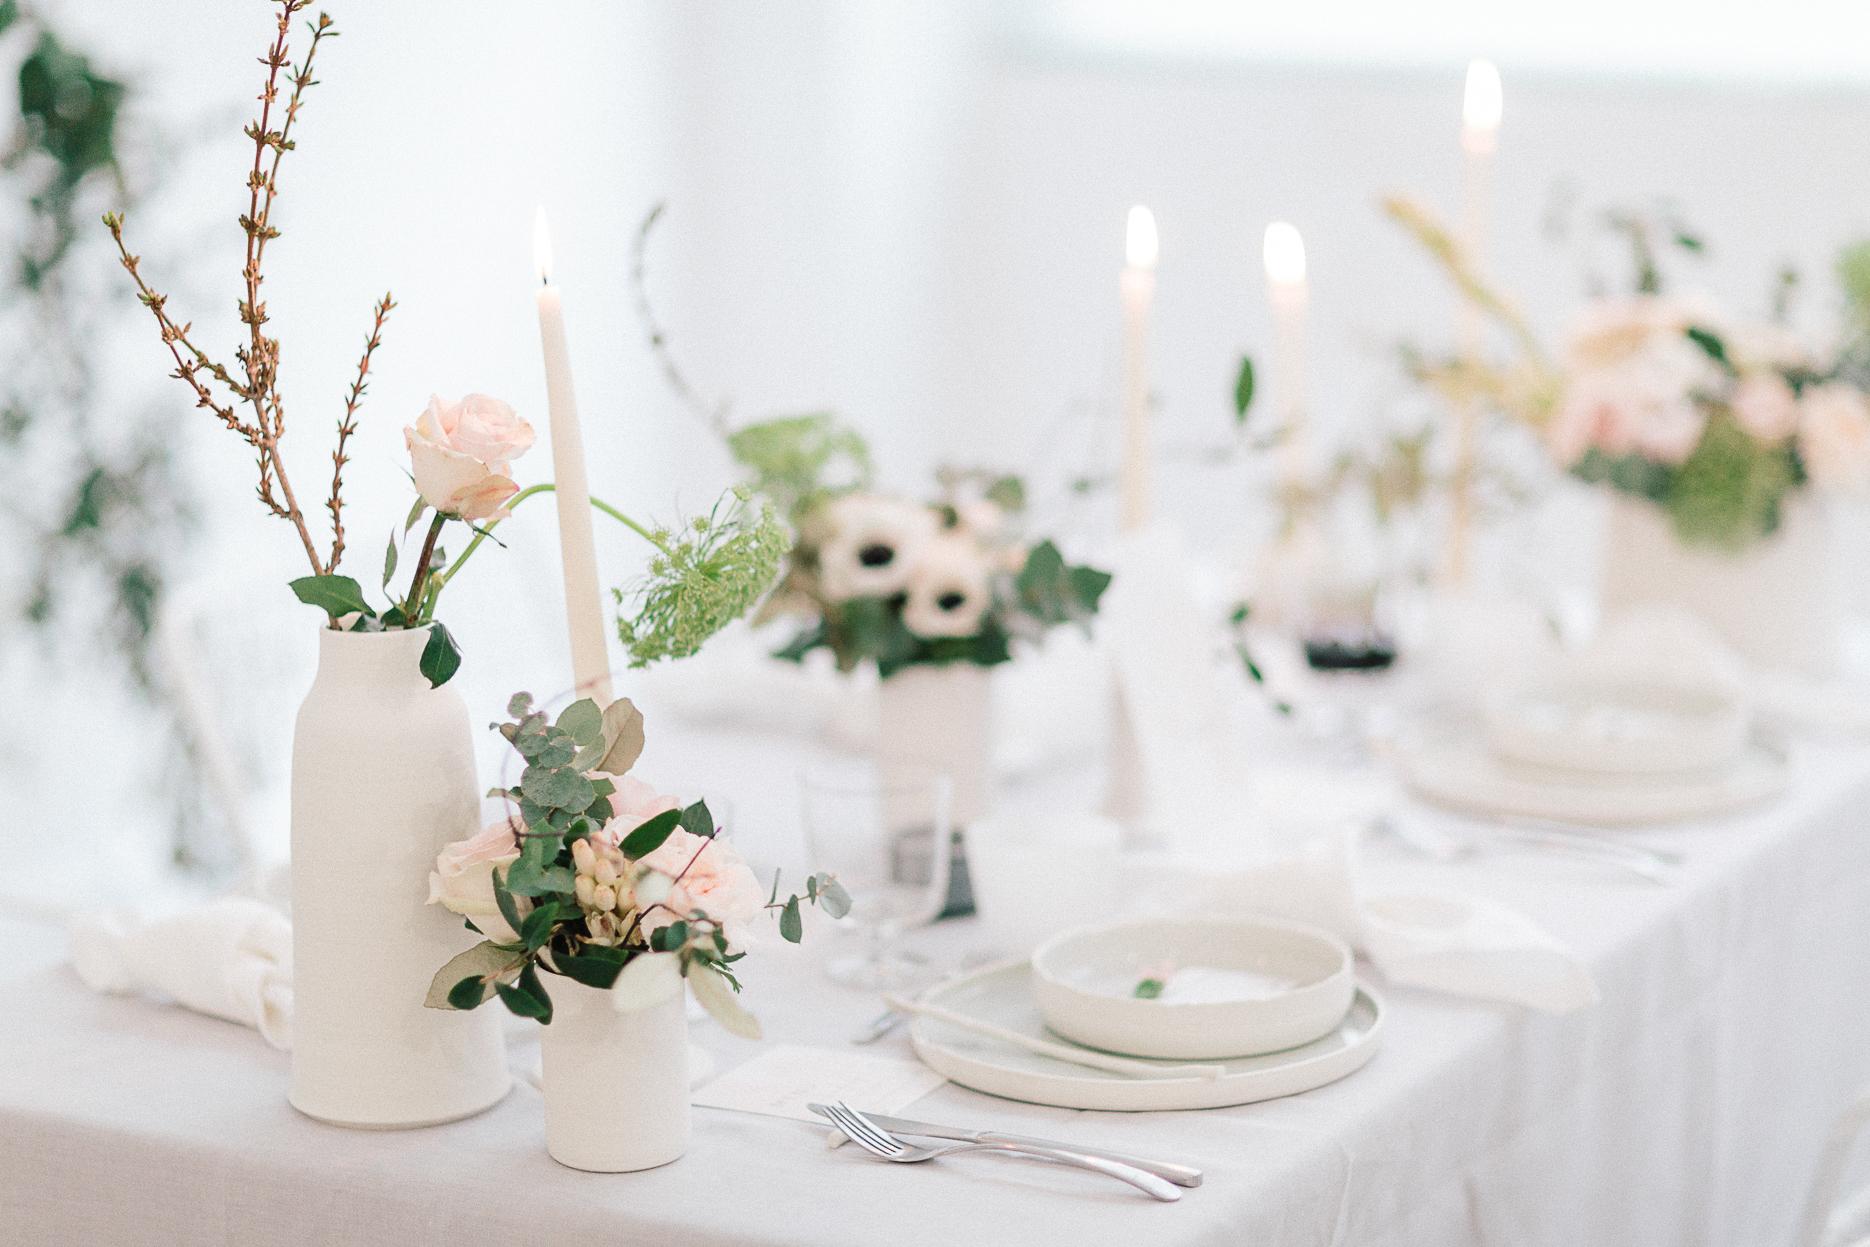 composition centrale florale avec fleur rose eucalyptus anémone decoration table mariage romantique minimaliste et industriel